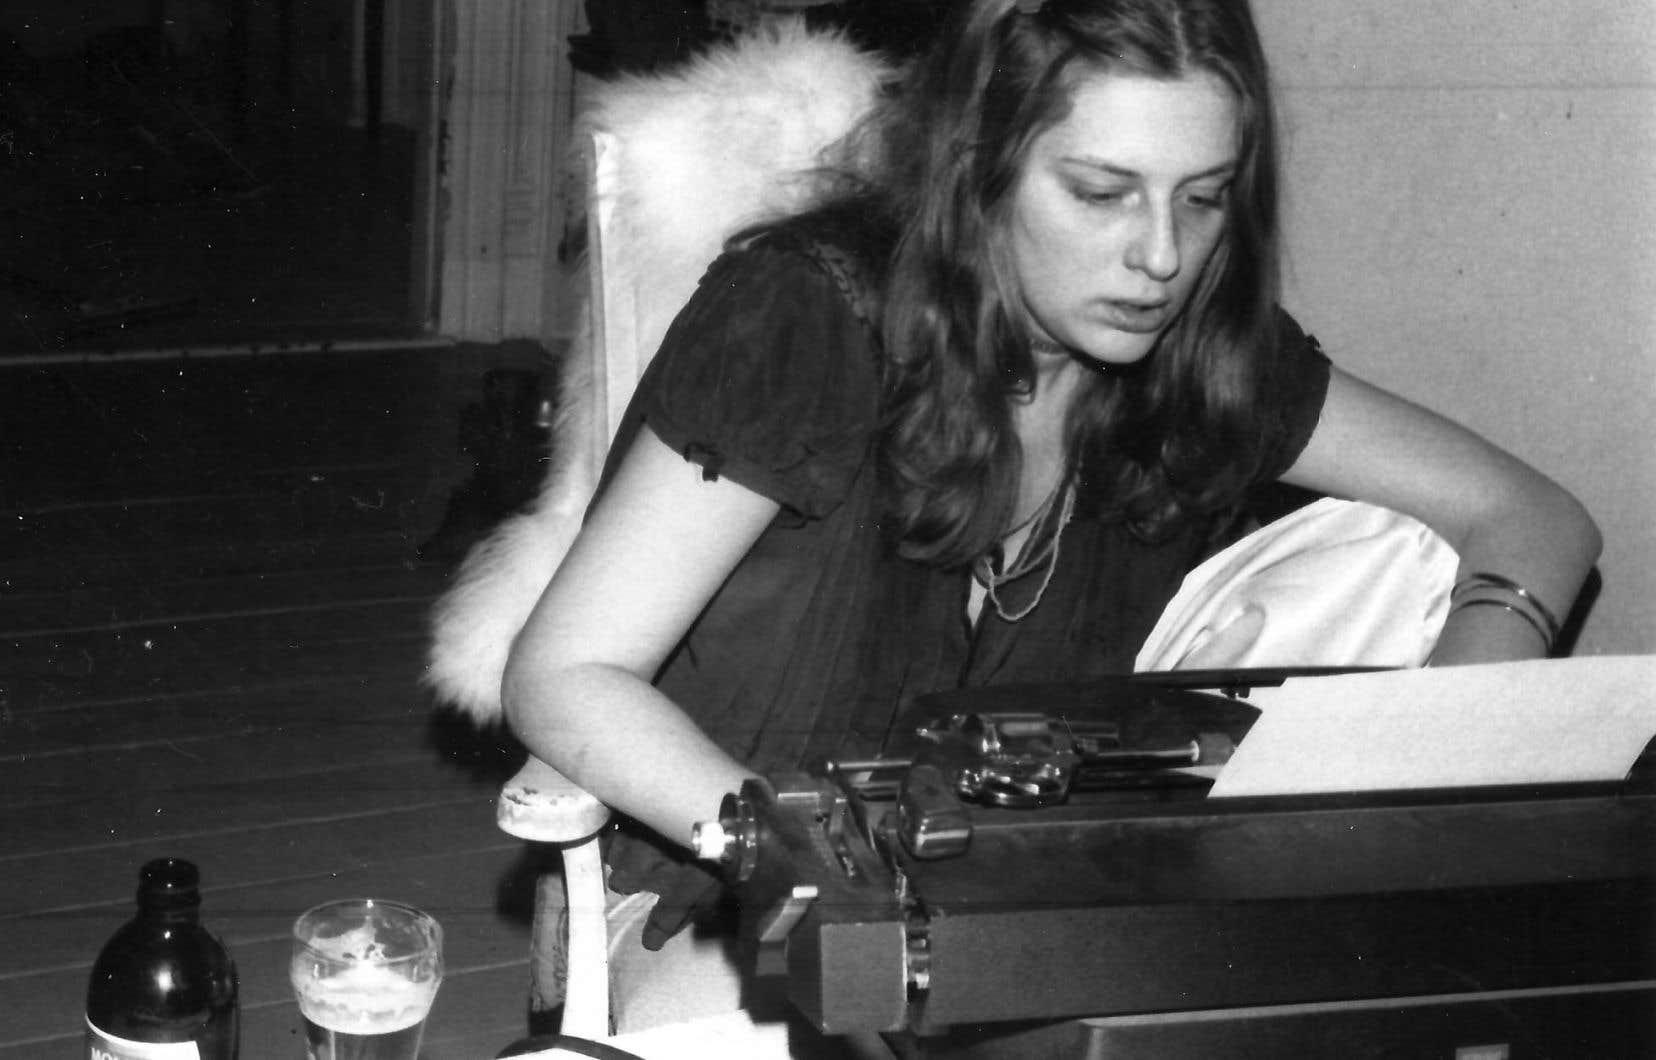 «Pour moi, elle a fait aussi un travail sur son corps, qu'elle a complètement détruit et qui est presque une œuvre en soi, indique la poète Carole David. Elle est passée de jeune fille blonde frêle pour arriver à cette femme sans âge, toute déformée, grassette, tatouée à une époque où ce n'était pas de mise, et mourir très jeune.»